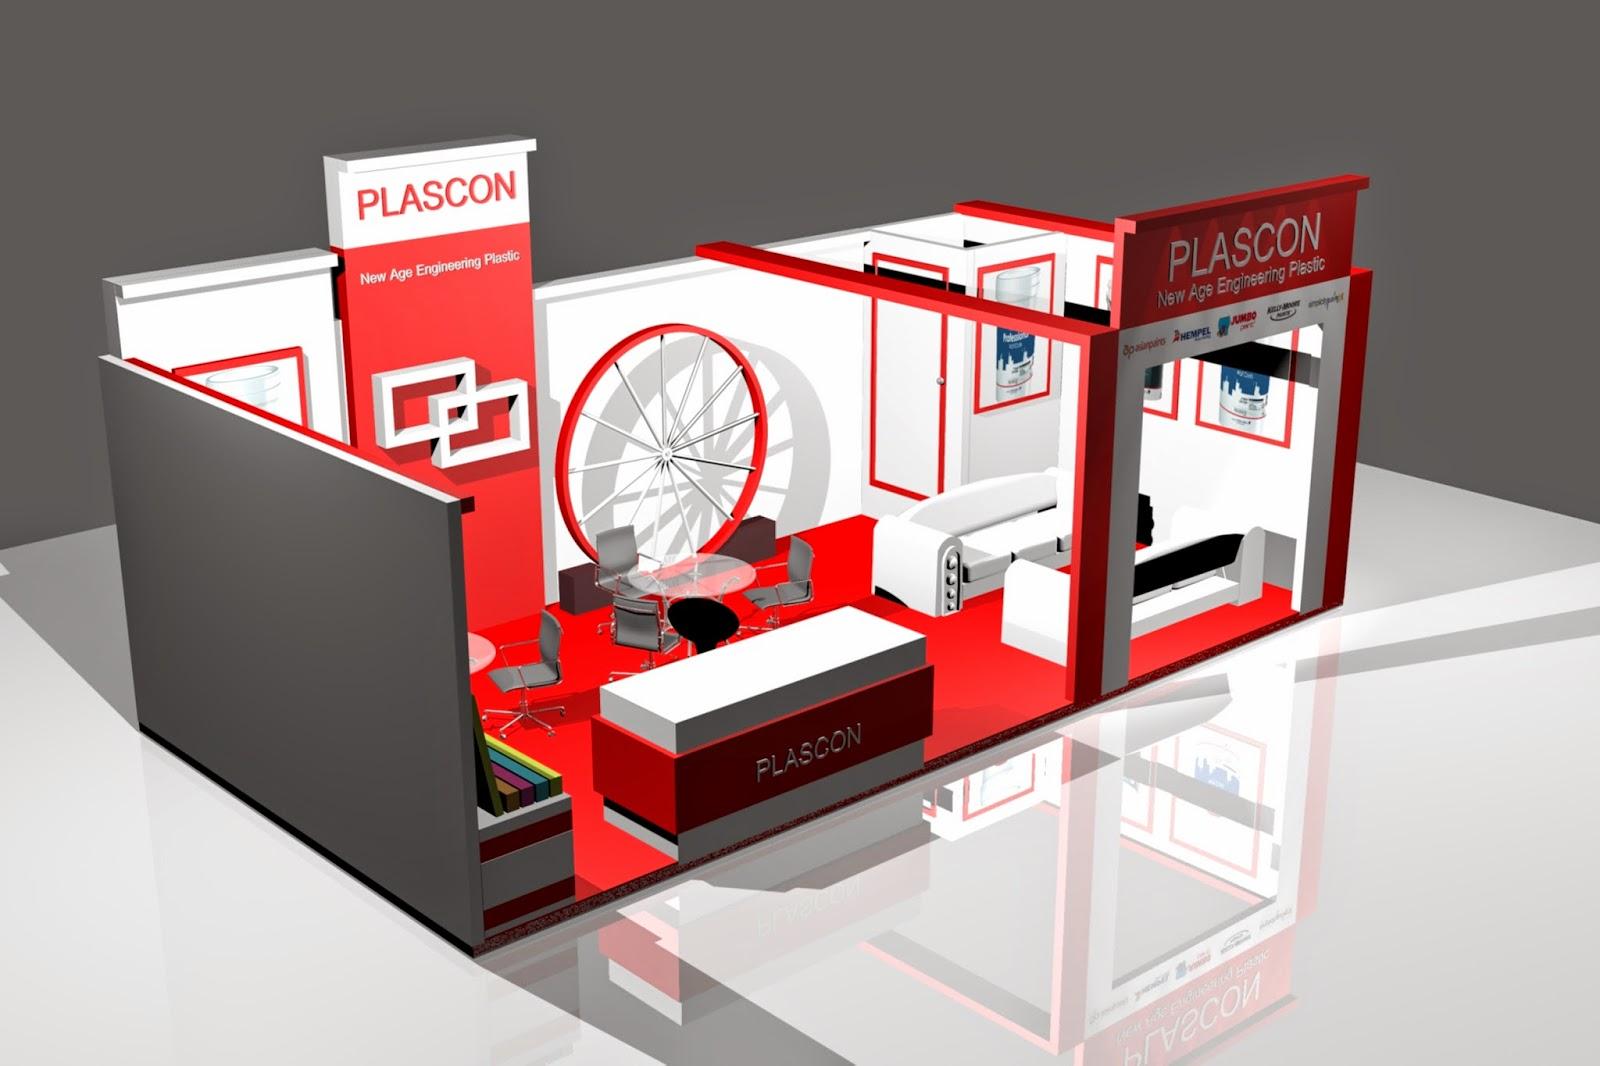 3d Exhibition Stall Design : Saravanan designs plascon exhibition d stall design